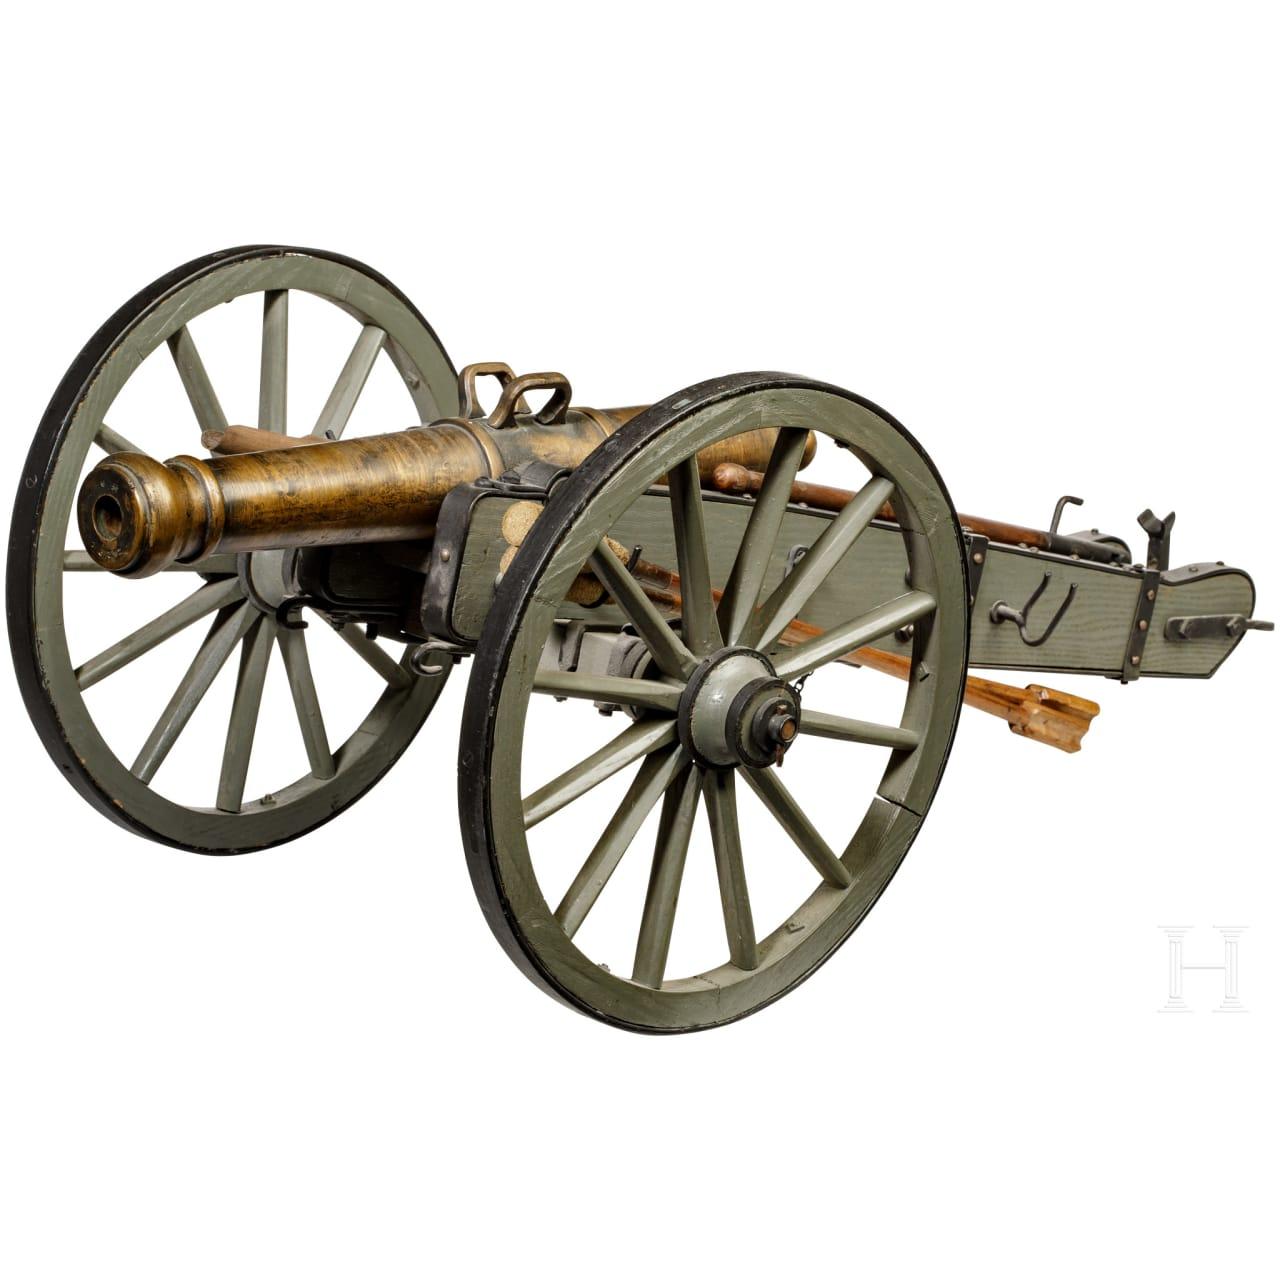 Modell eines Feldgeschützes im Stil des frühen 19. Jhdts.